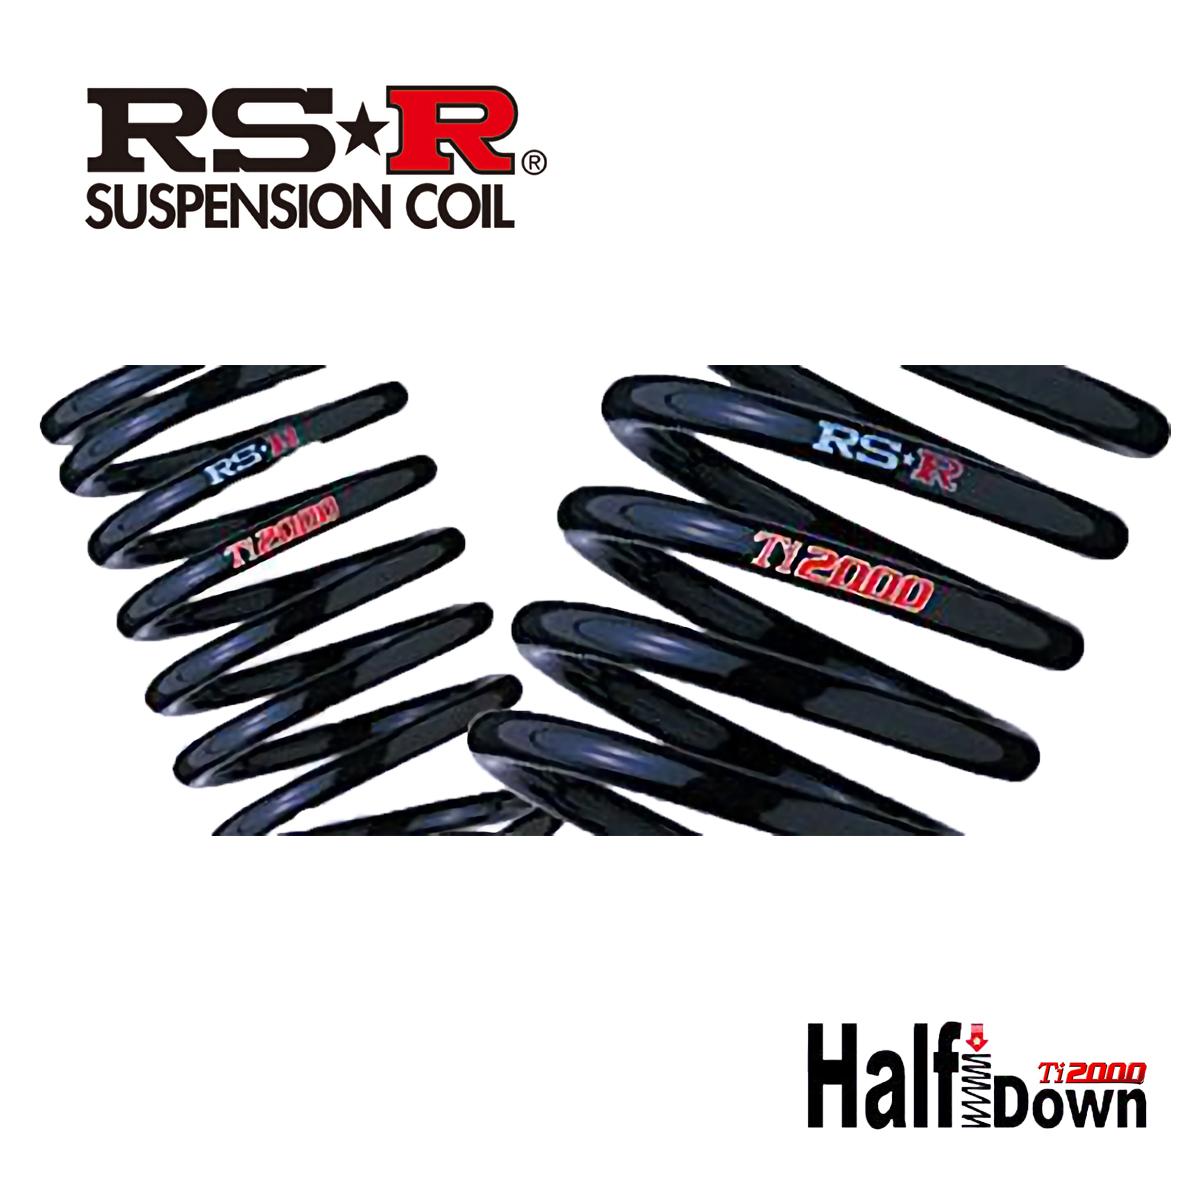 RS-R シフォン LA650F ダウンサス スプリング リア D401THDR Ti2000 ハーフダウン RSR 個人宅発送追金有